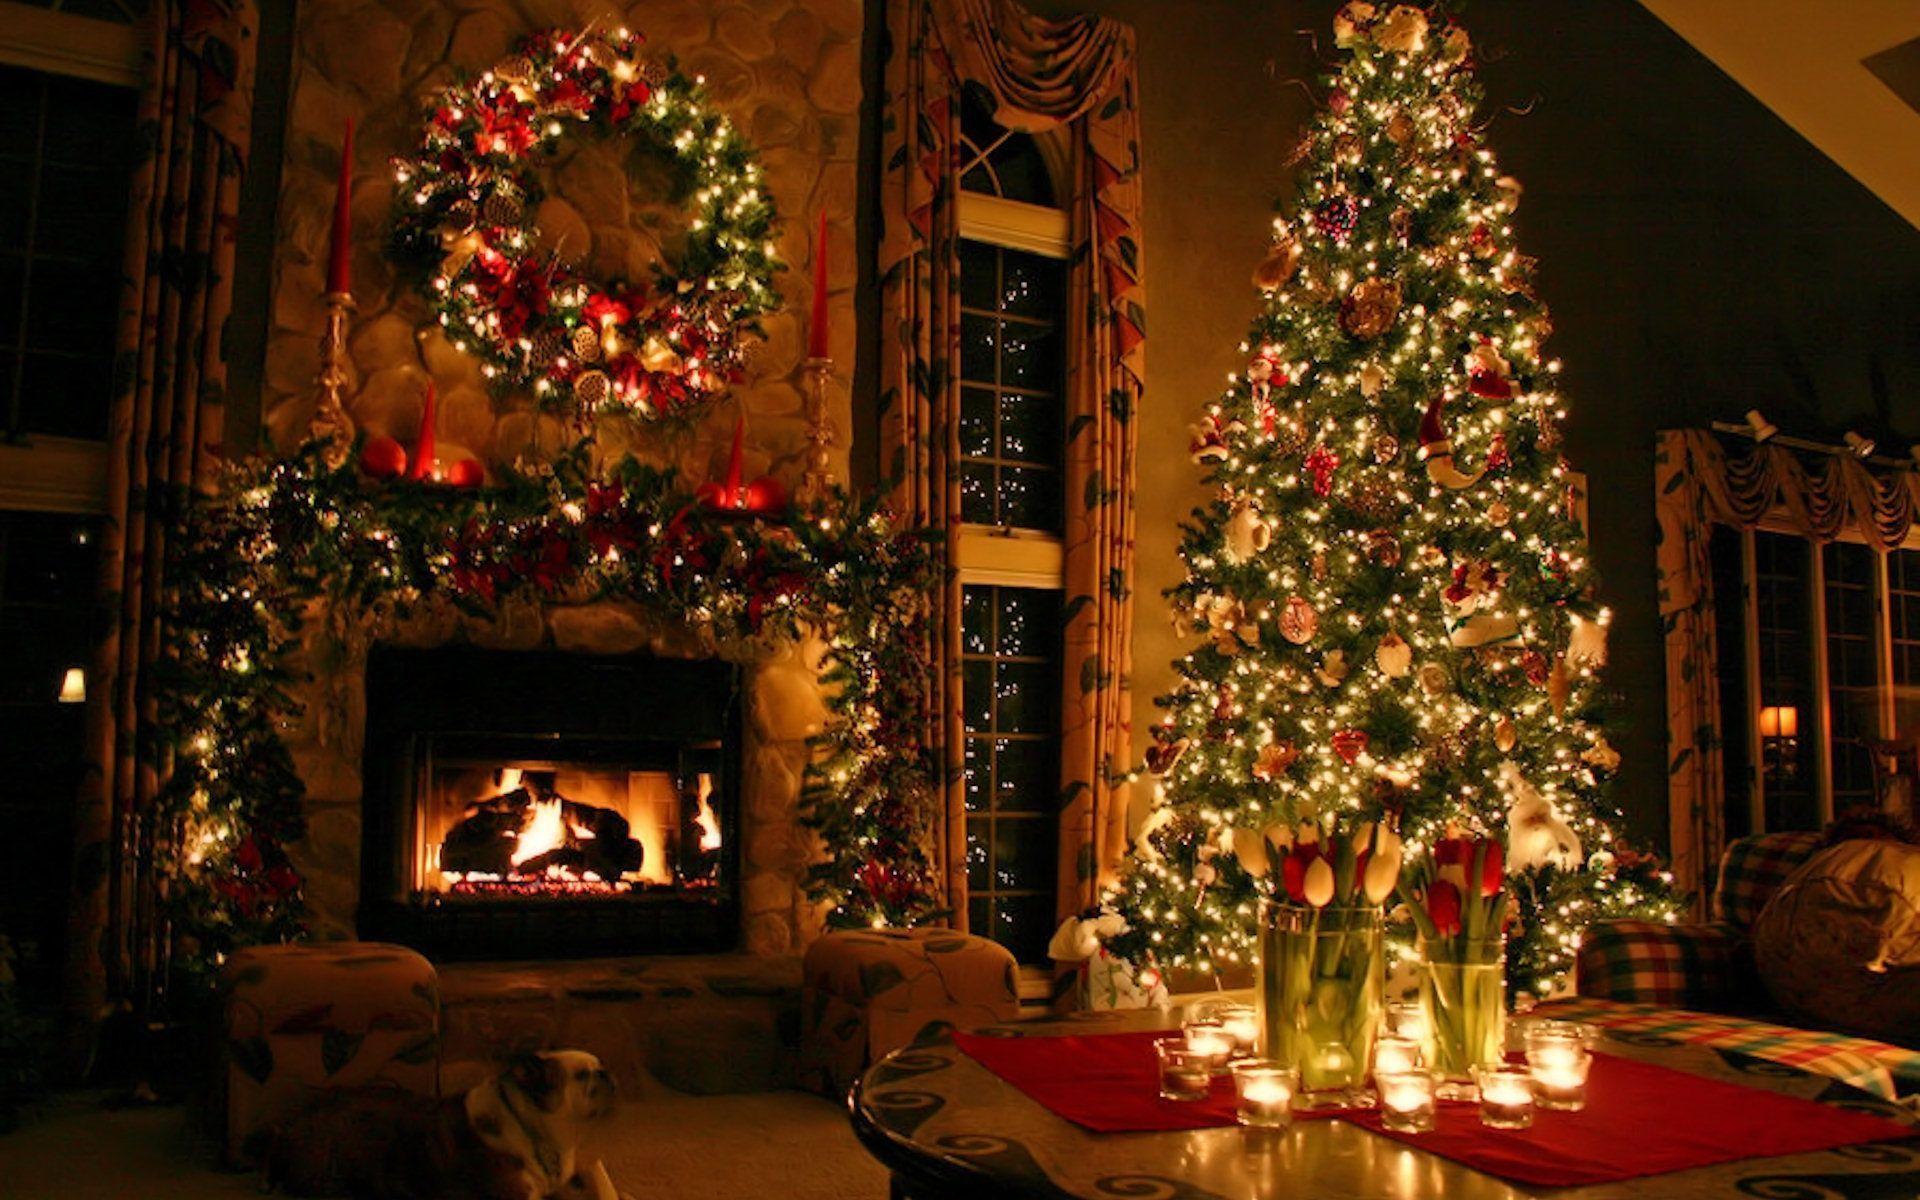 Background  Wallpaper design – Wonderful Wallpaper design For Christmas